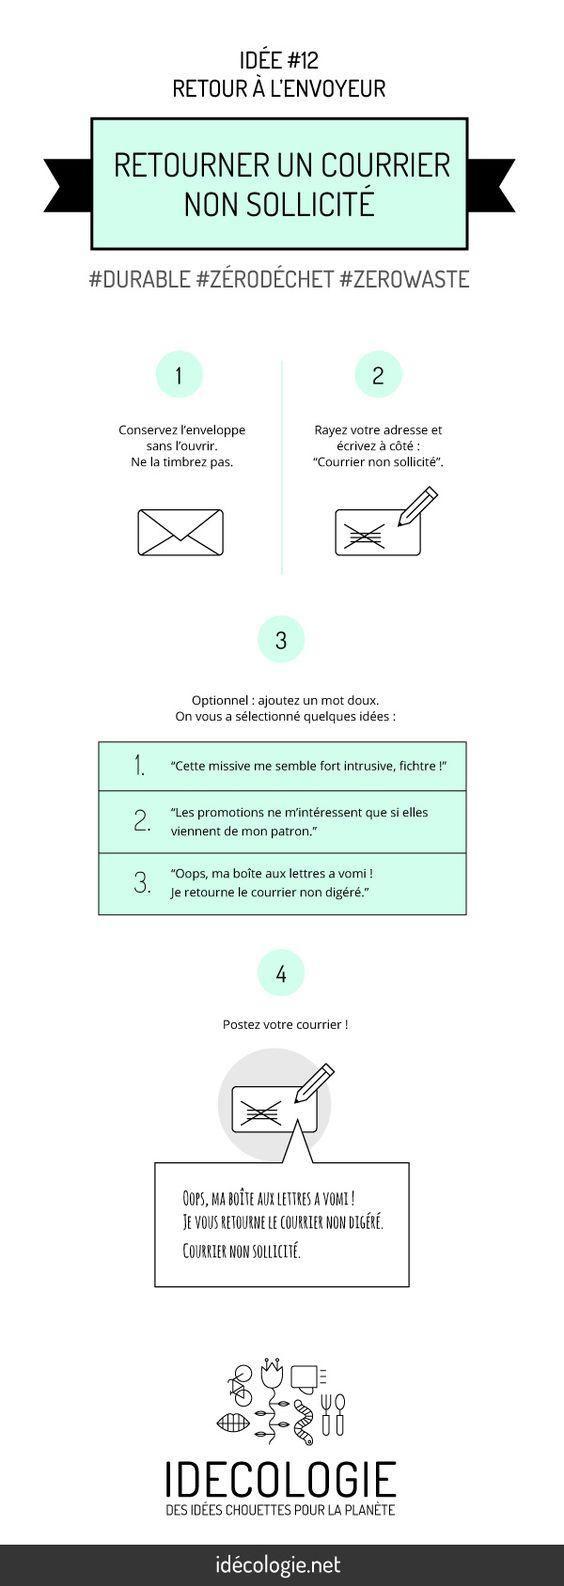 Retourner le courrier non sollicité avec panache #durable #zerodechet #zerowaste